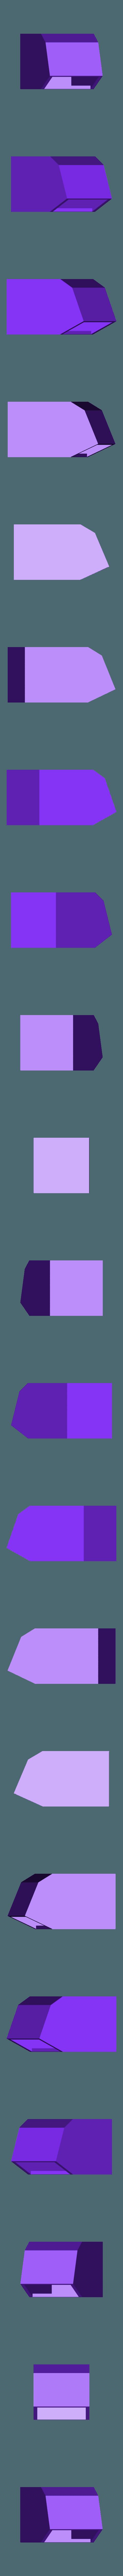 Mini poubelle de bureau ou trousse.stl Télécharger fichier STL gratuit Mini poubelle de bureau • Modèle imprimable en 3D, SimEtJo